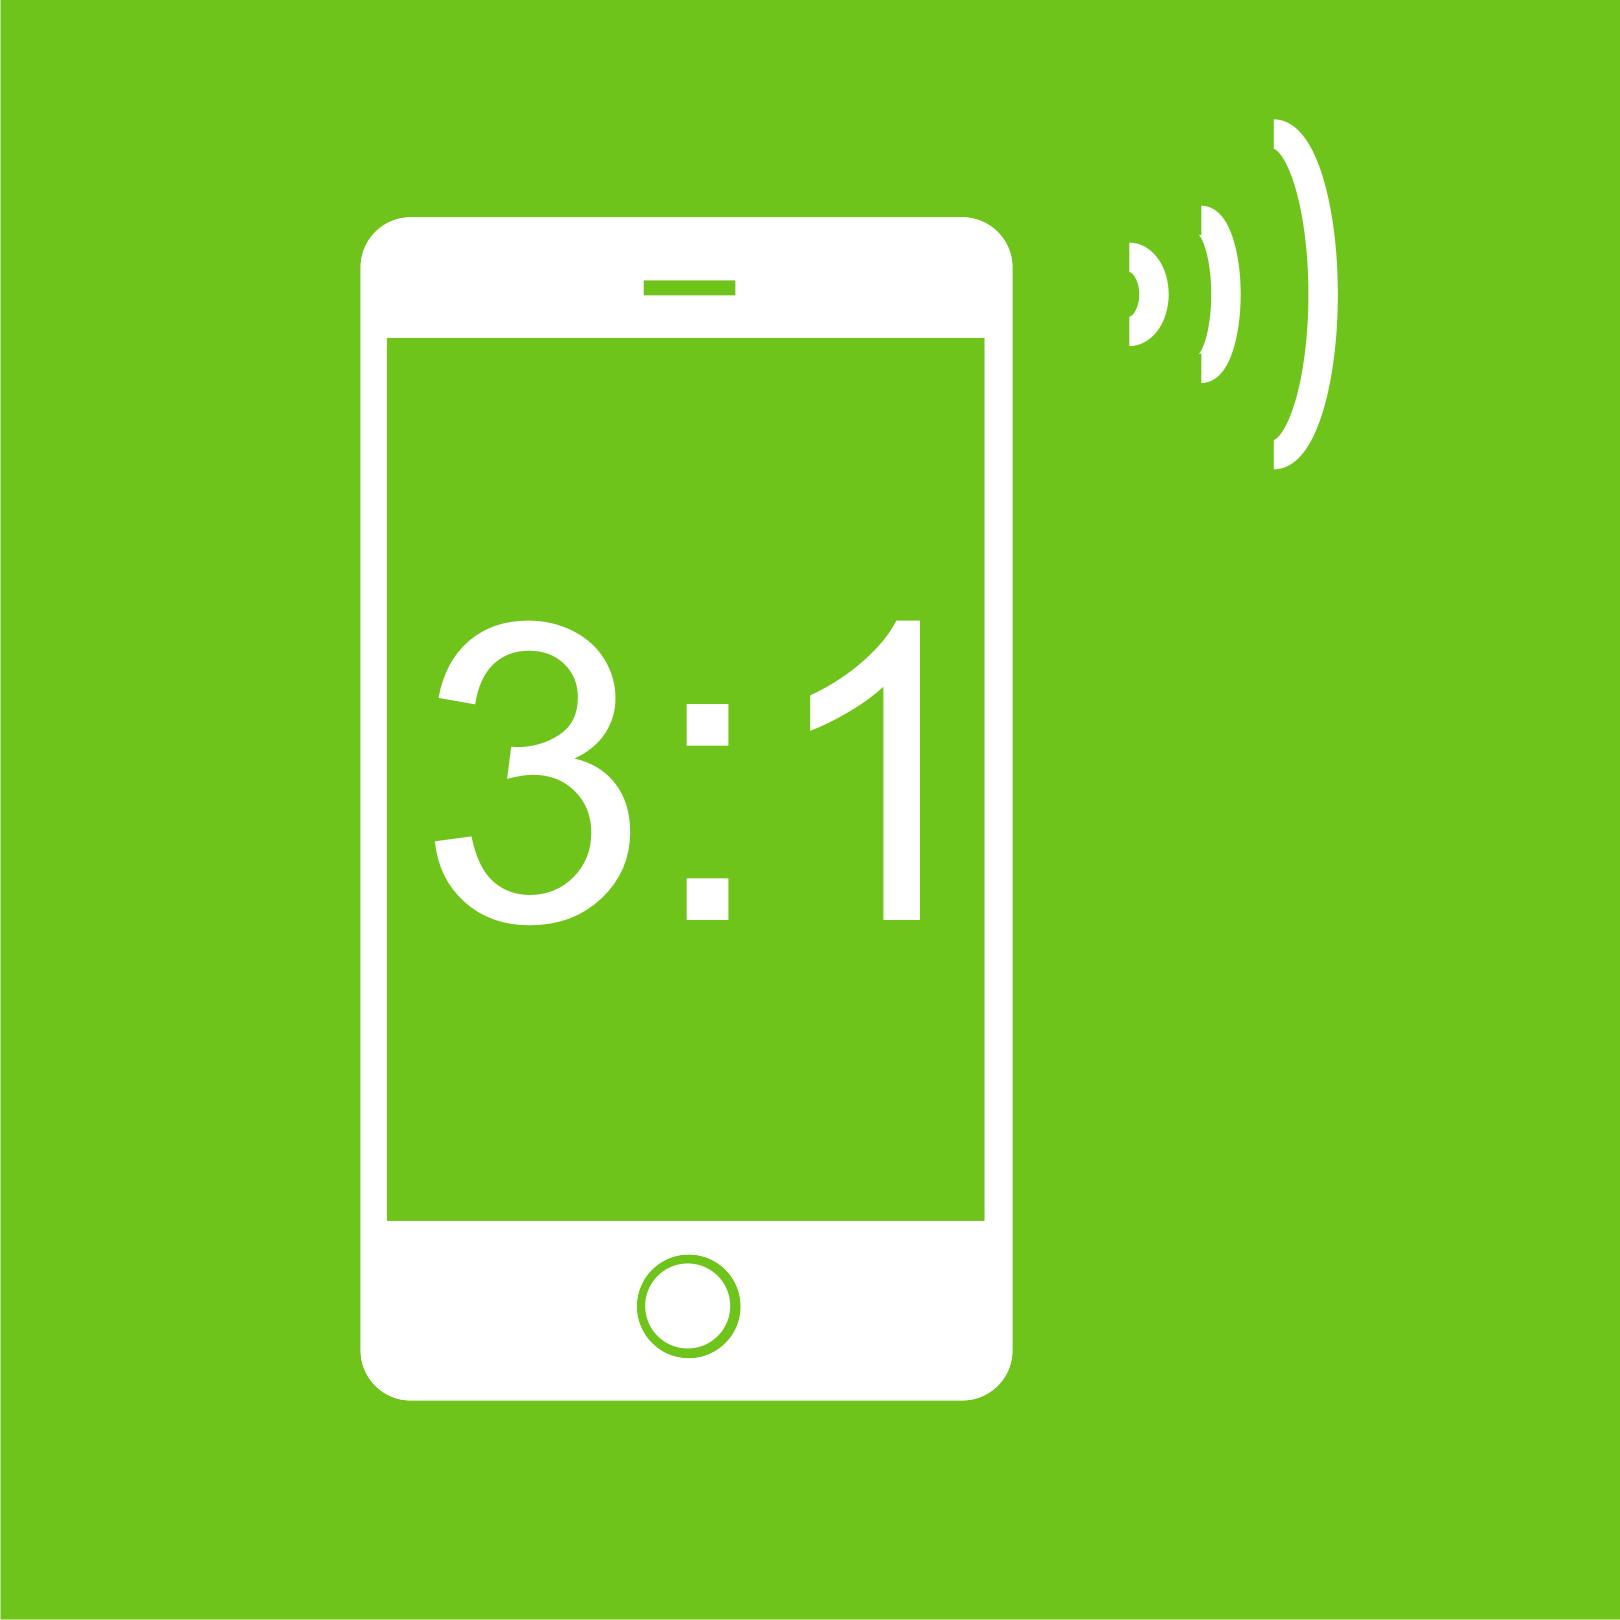 Sterowanie z urządzenia z systemem Android np. smartfona !